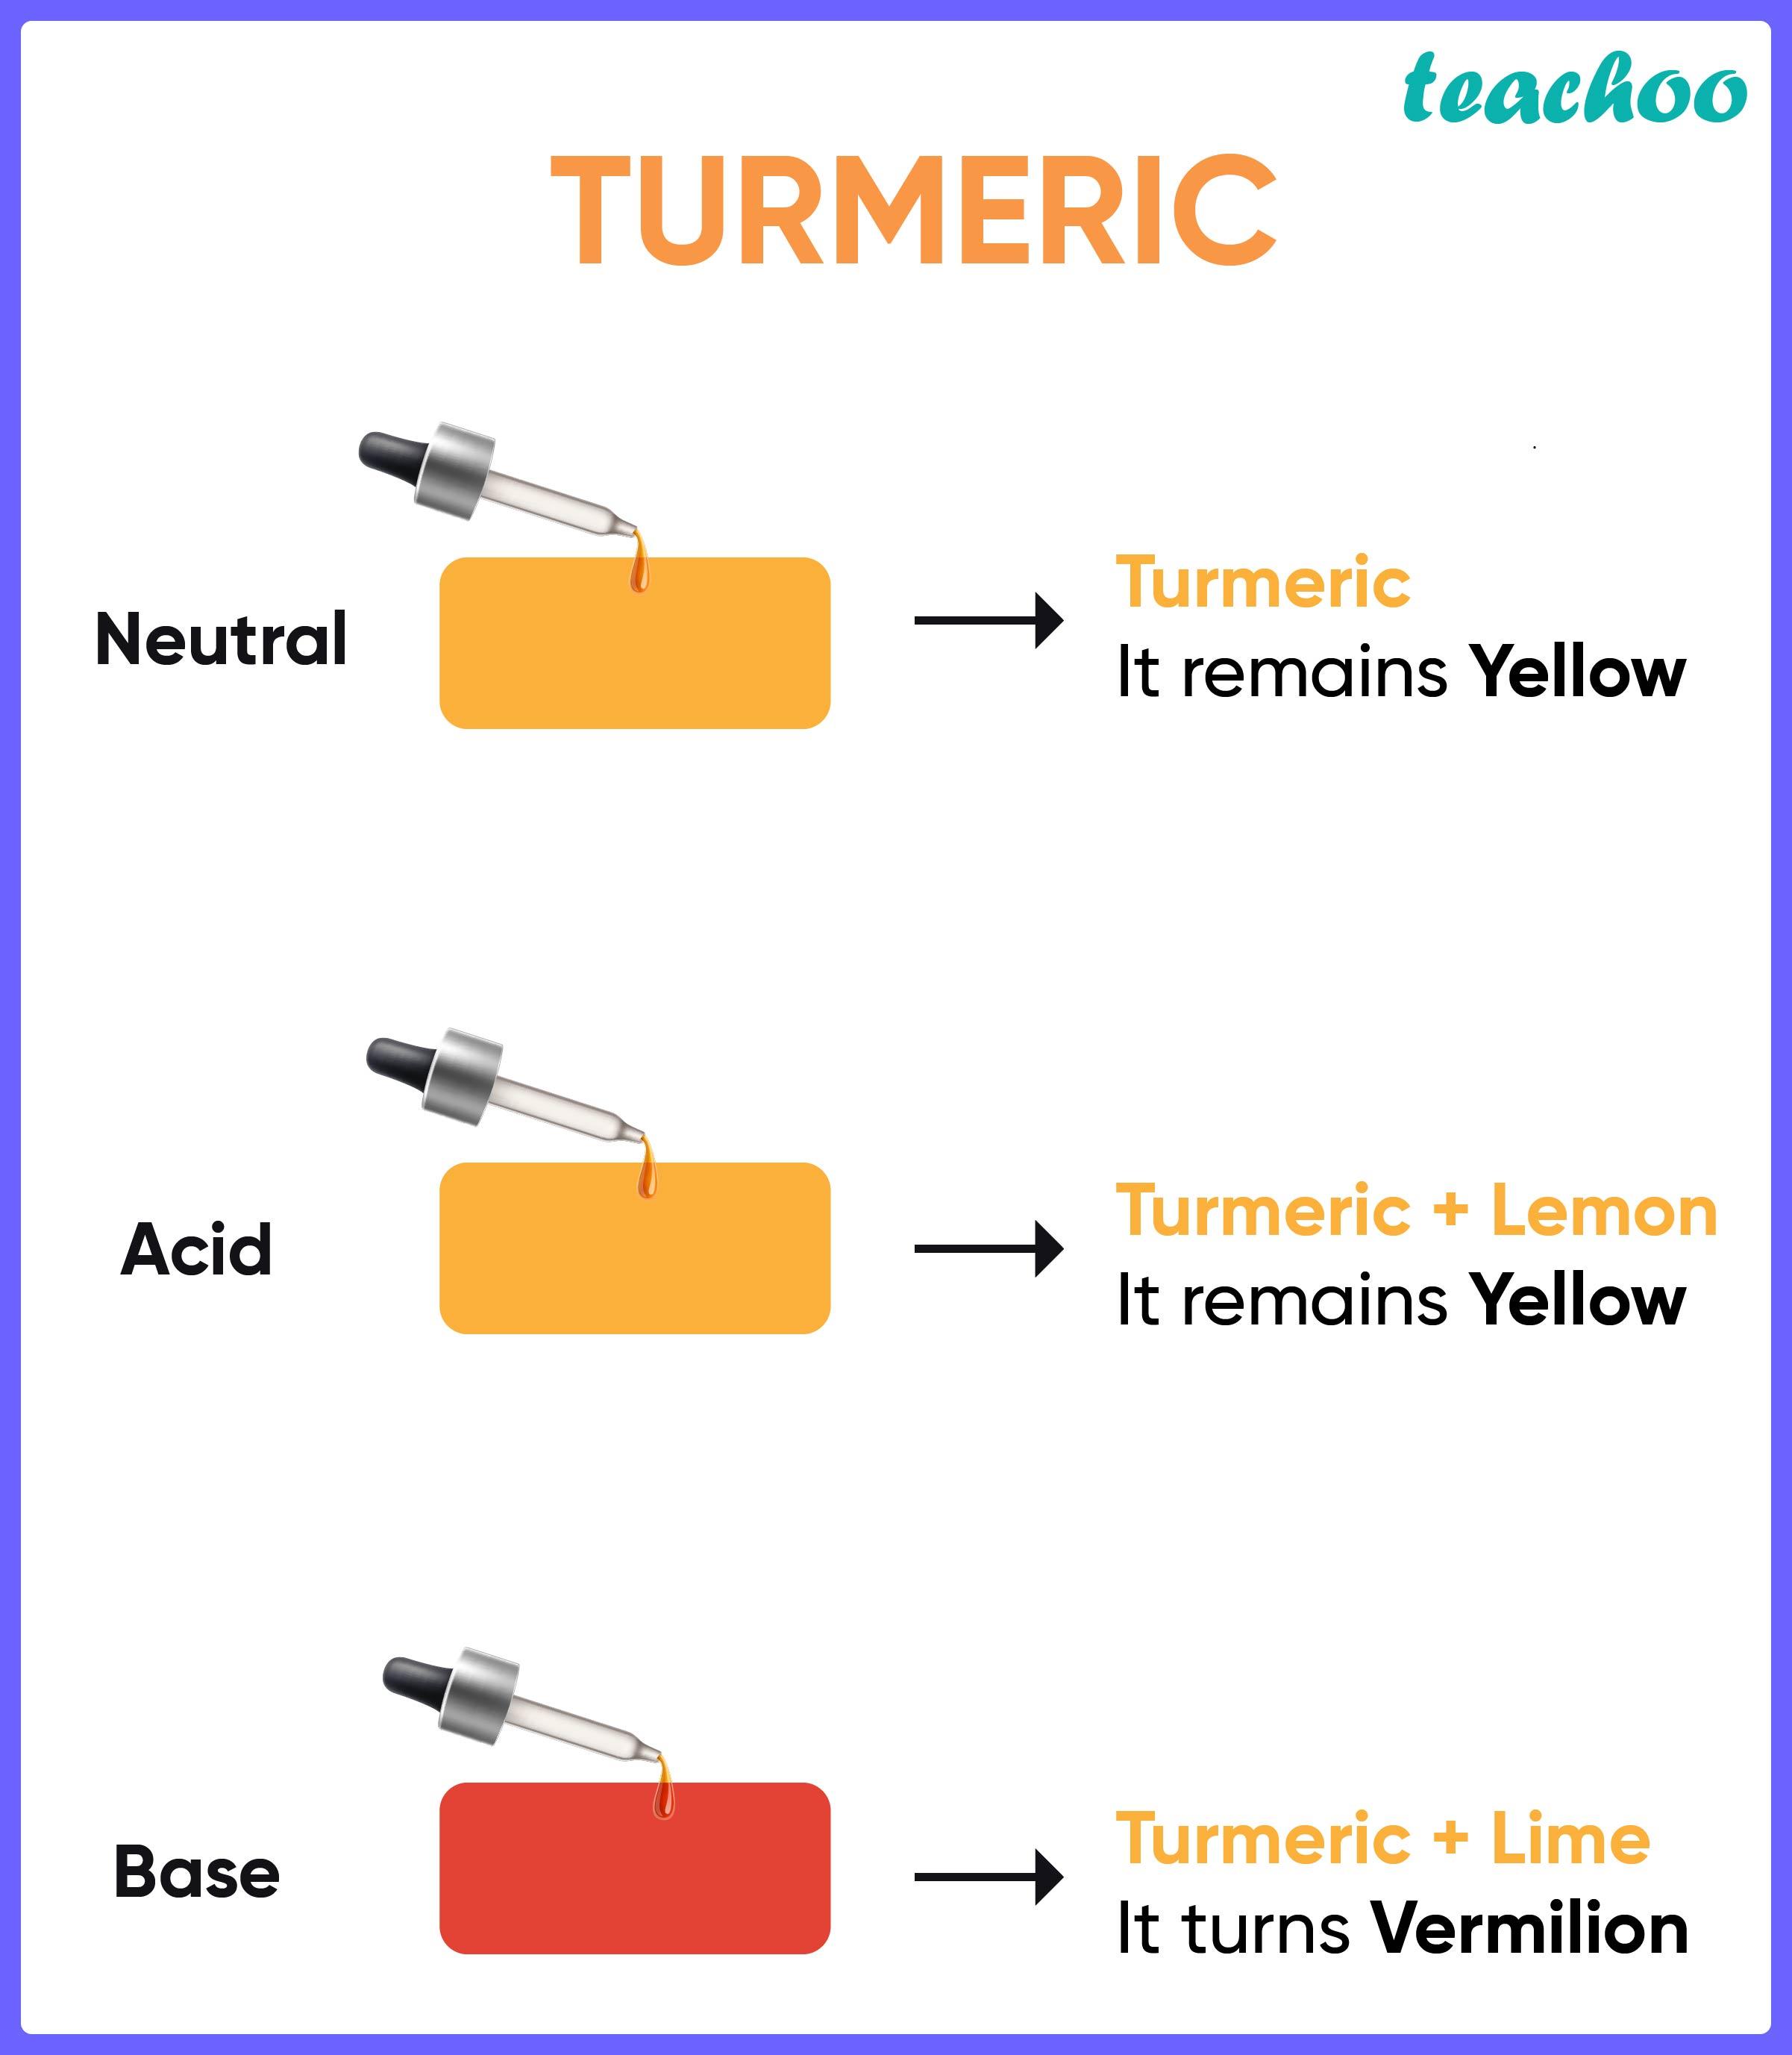 Turmeric-Teachoo.jpg